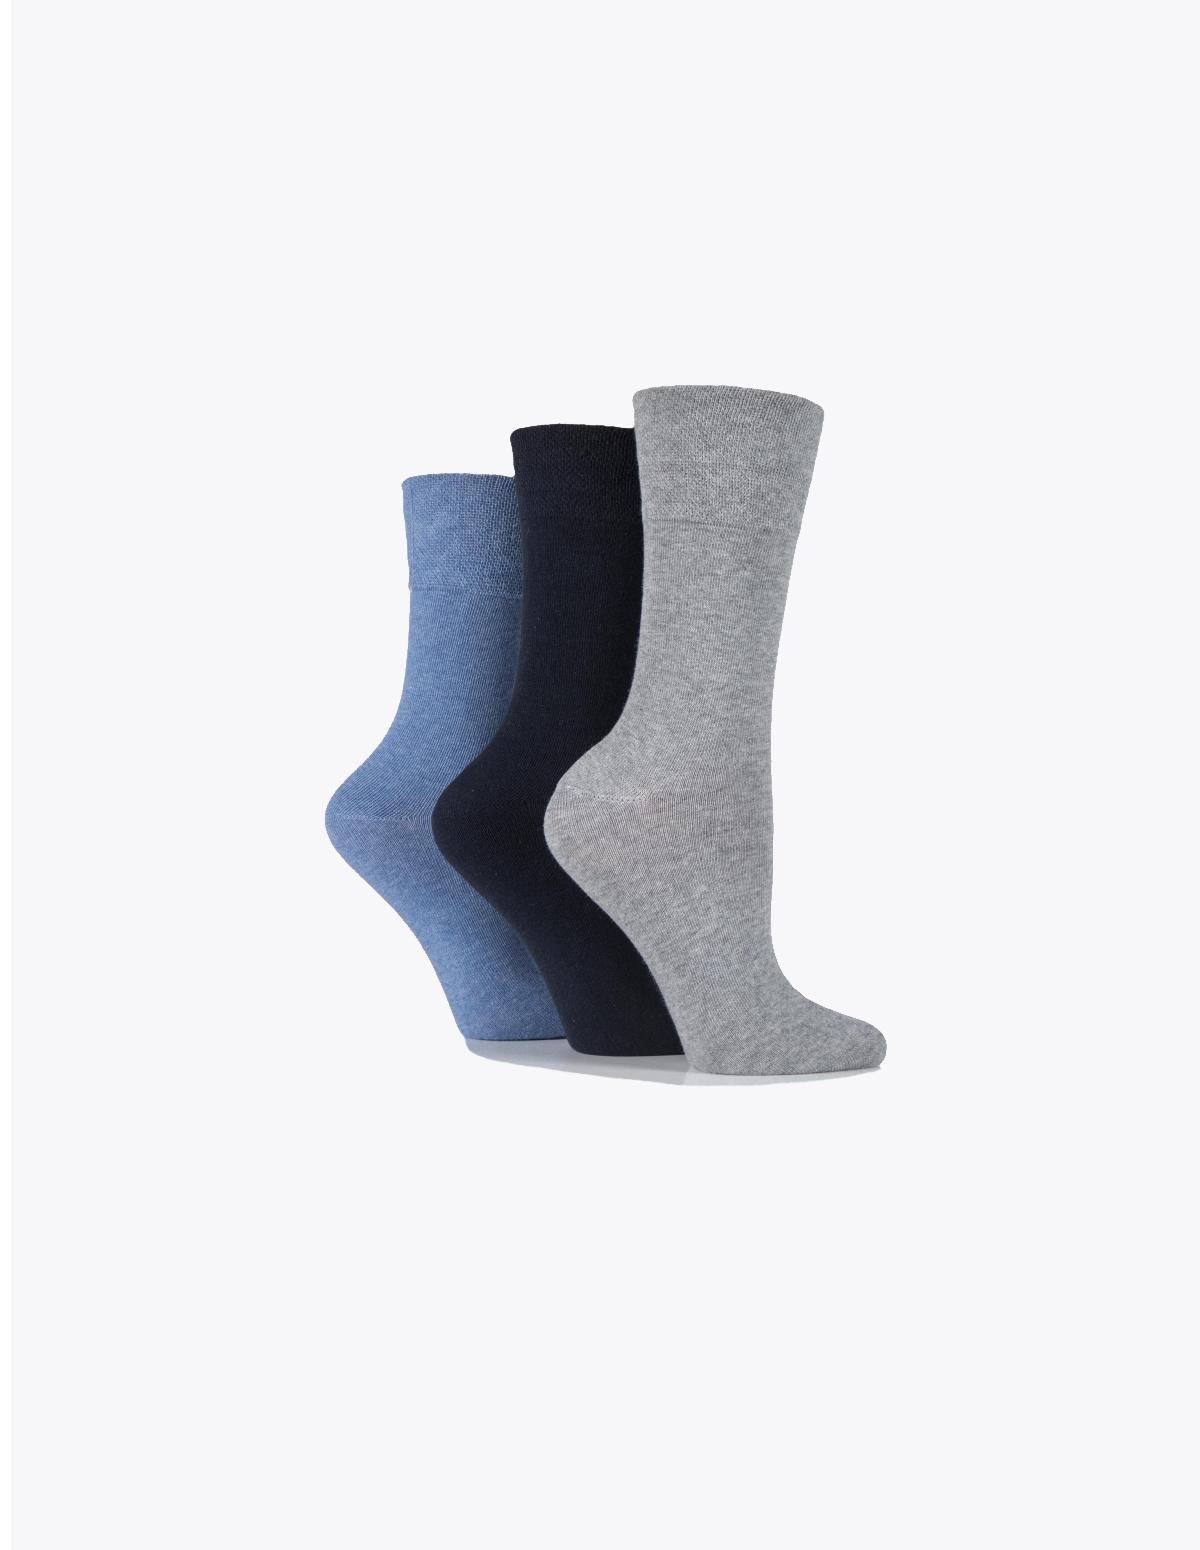 5aacaced1 Ladies Blue   Grey gentle grip socks Non elastic   diabetic friendly -